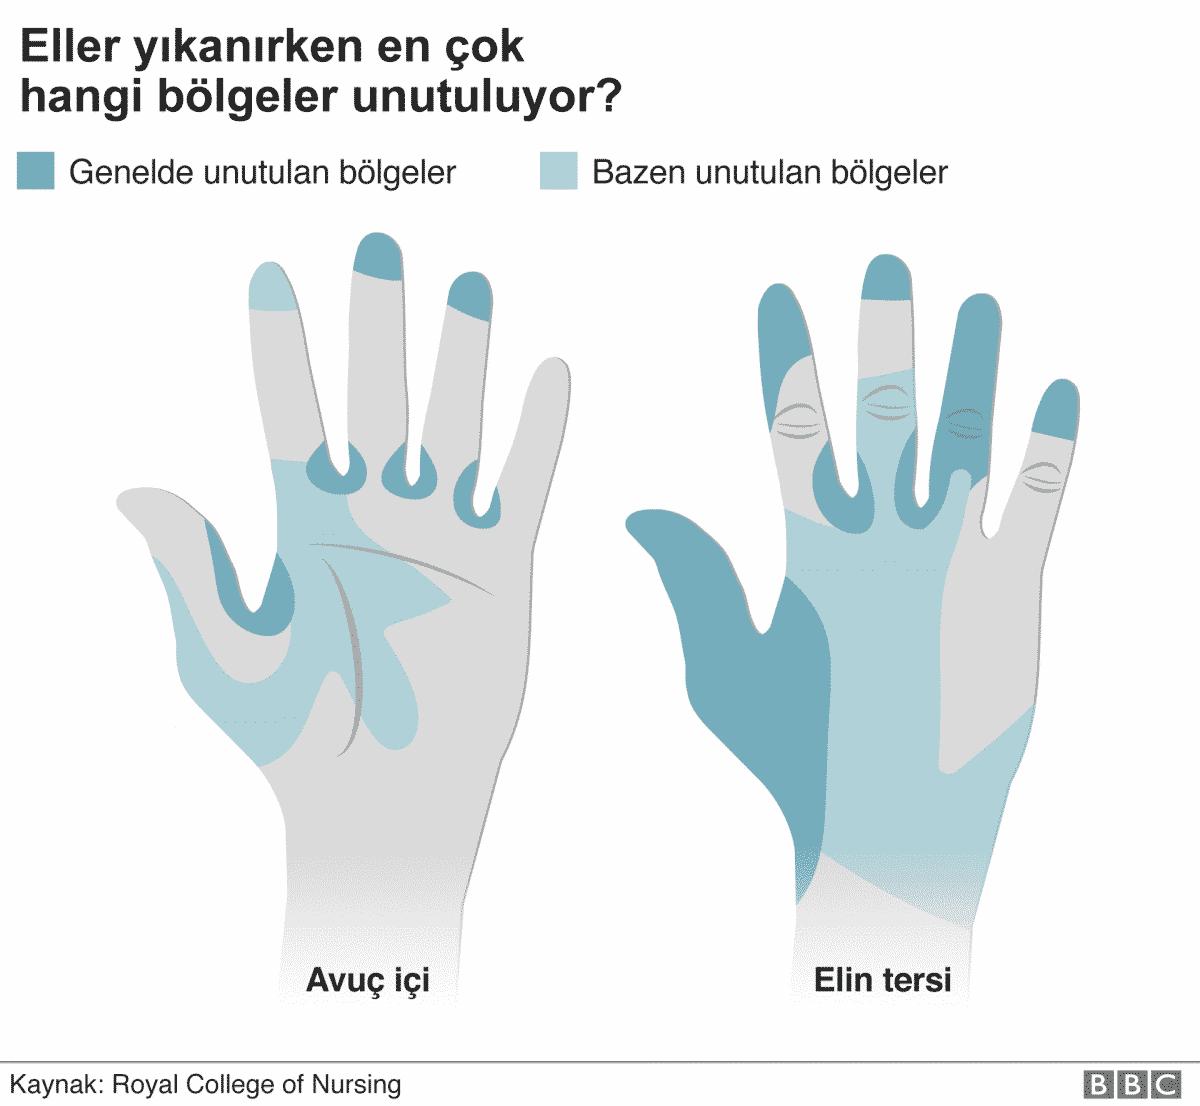 elleri yıkarken en çok hangi bölgeler unutuluyor